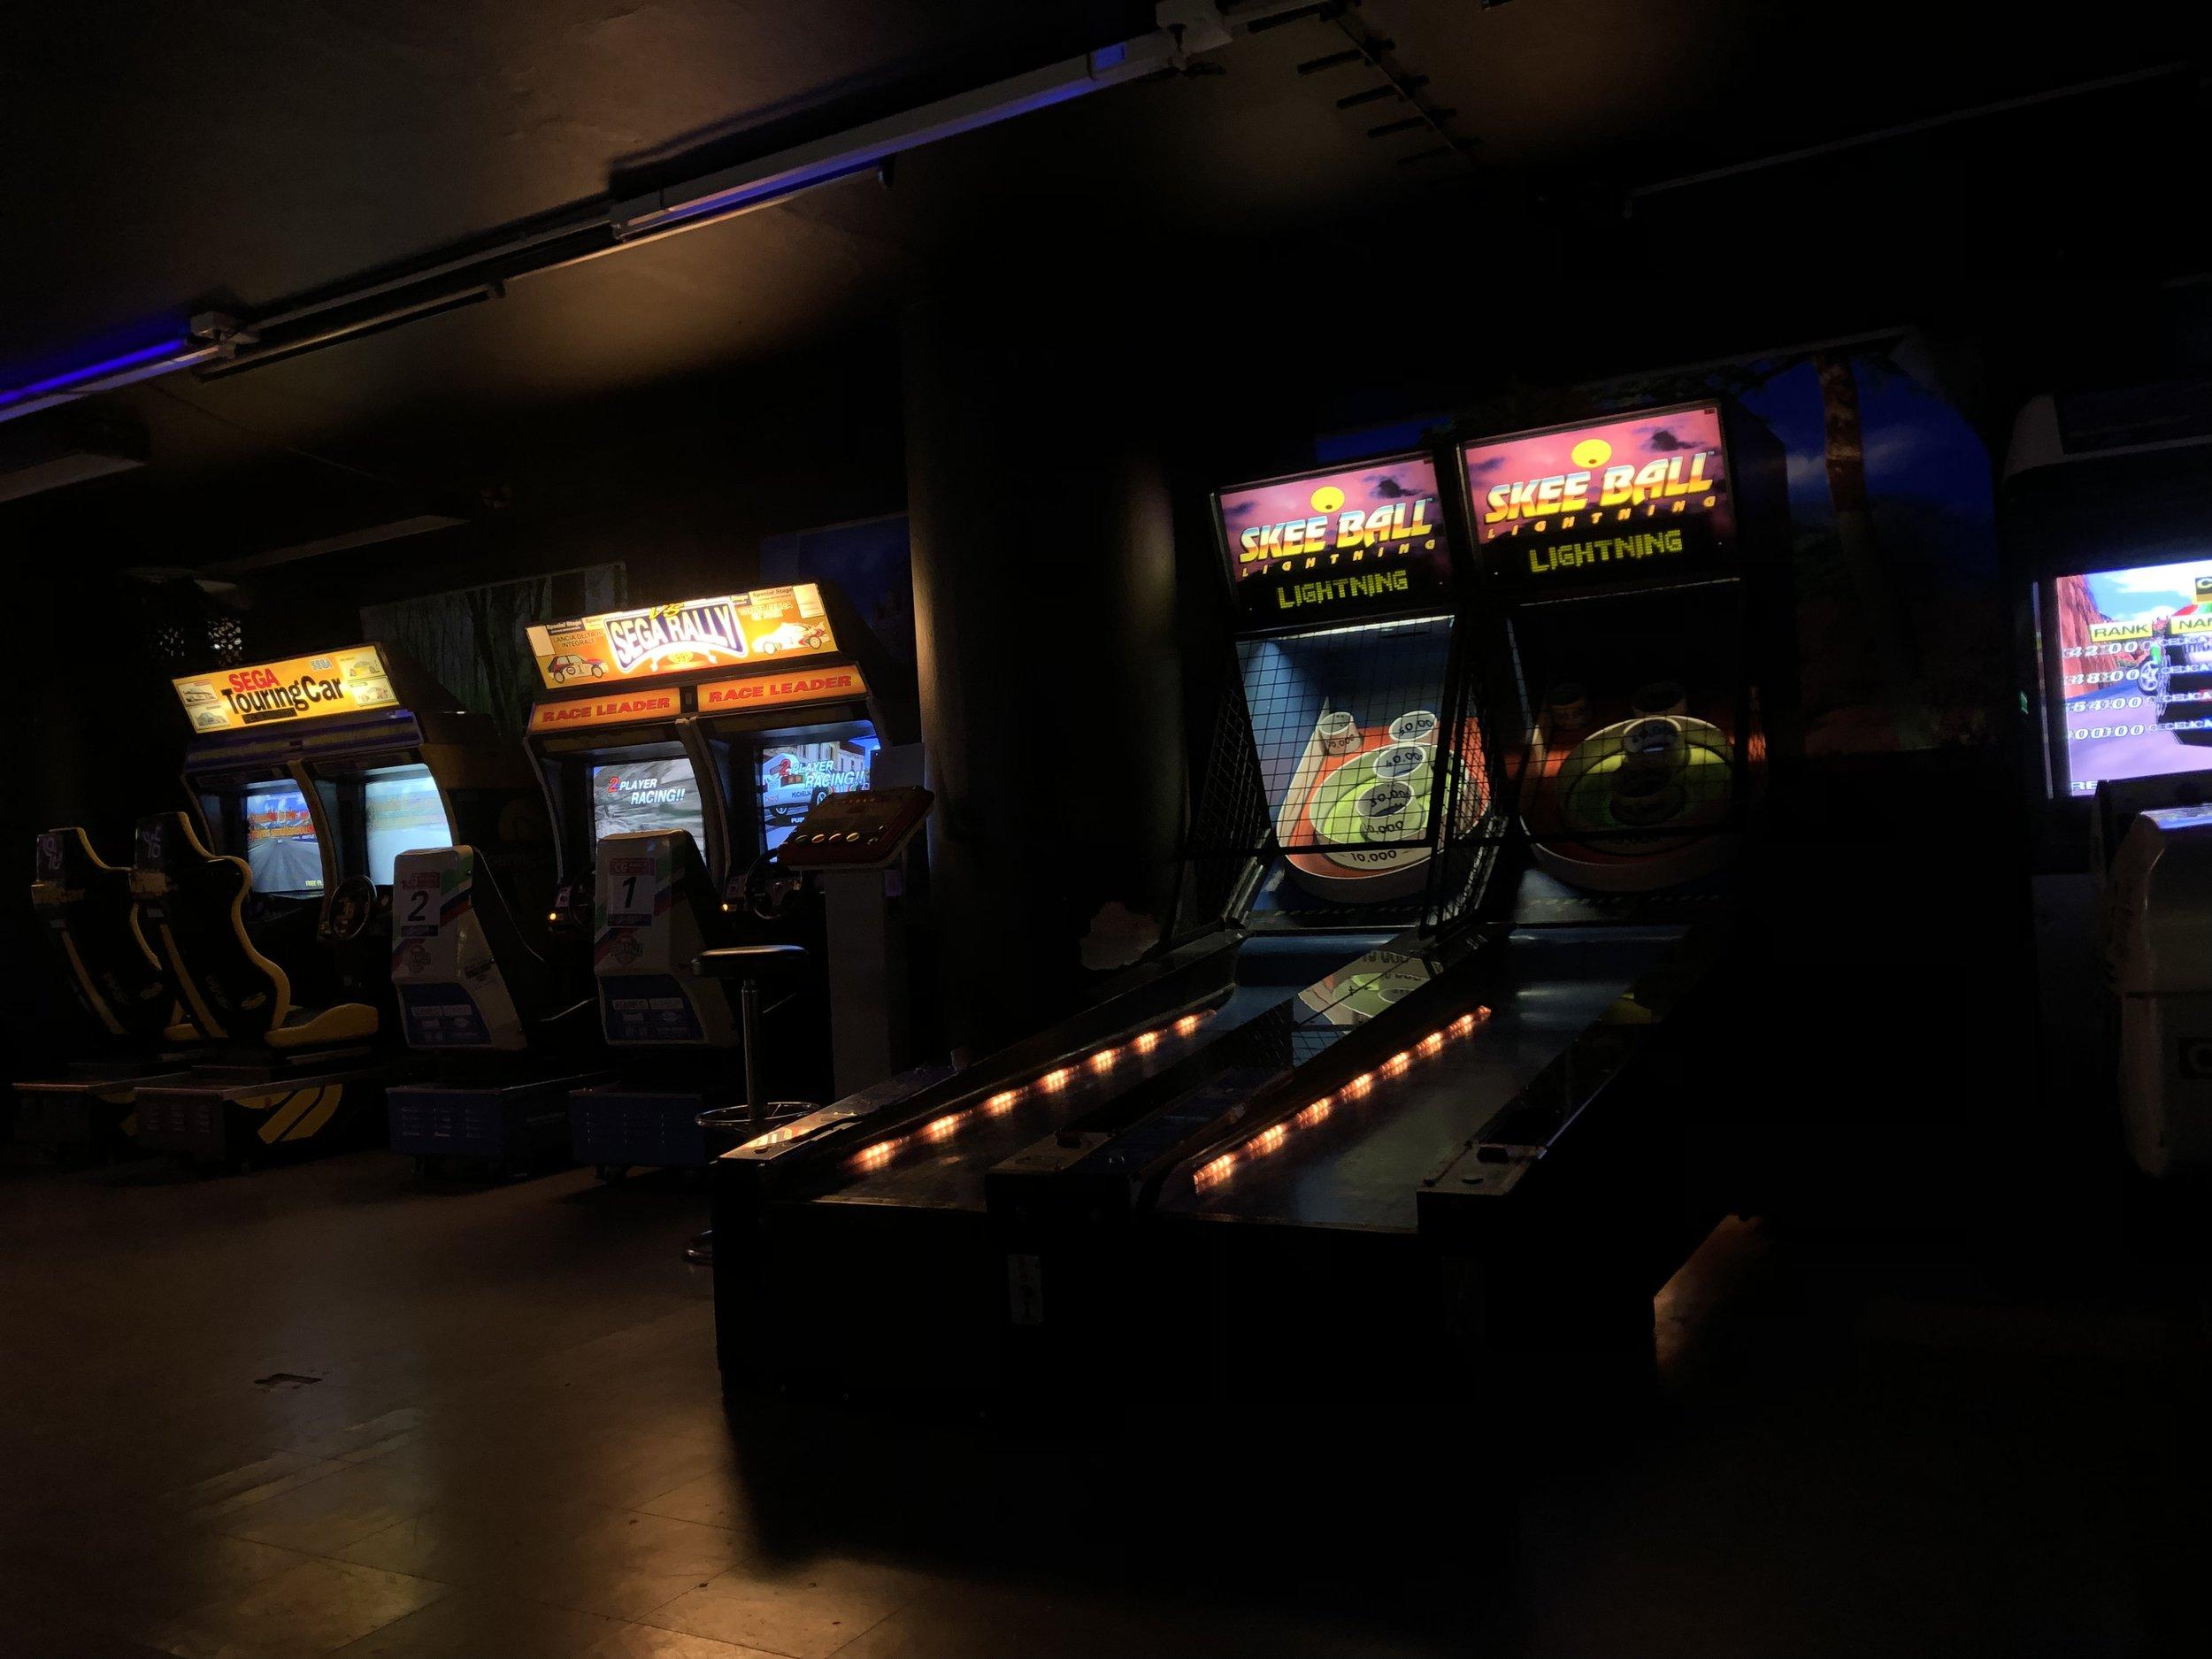 Party-paketti - - 13 € / hlö + huonevuokra- Yksi avoin Megazonepelikierros- Synttärihuone käyttöön Megazonepelin ajaksi ja tunniksi sen jälkeen- Pelibunkkerin pelit käyttöön ilman aikarajoitusta- Mahdollisen tarjoilun asiakas tuo itse